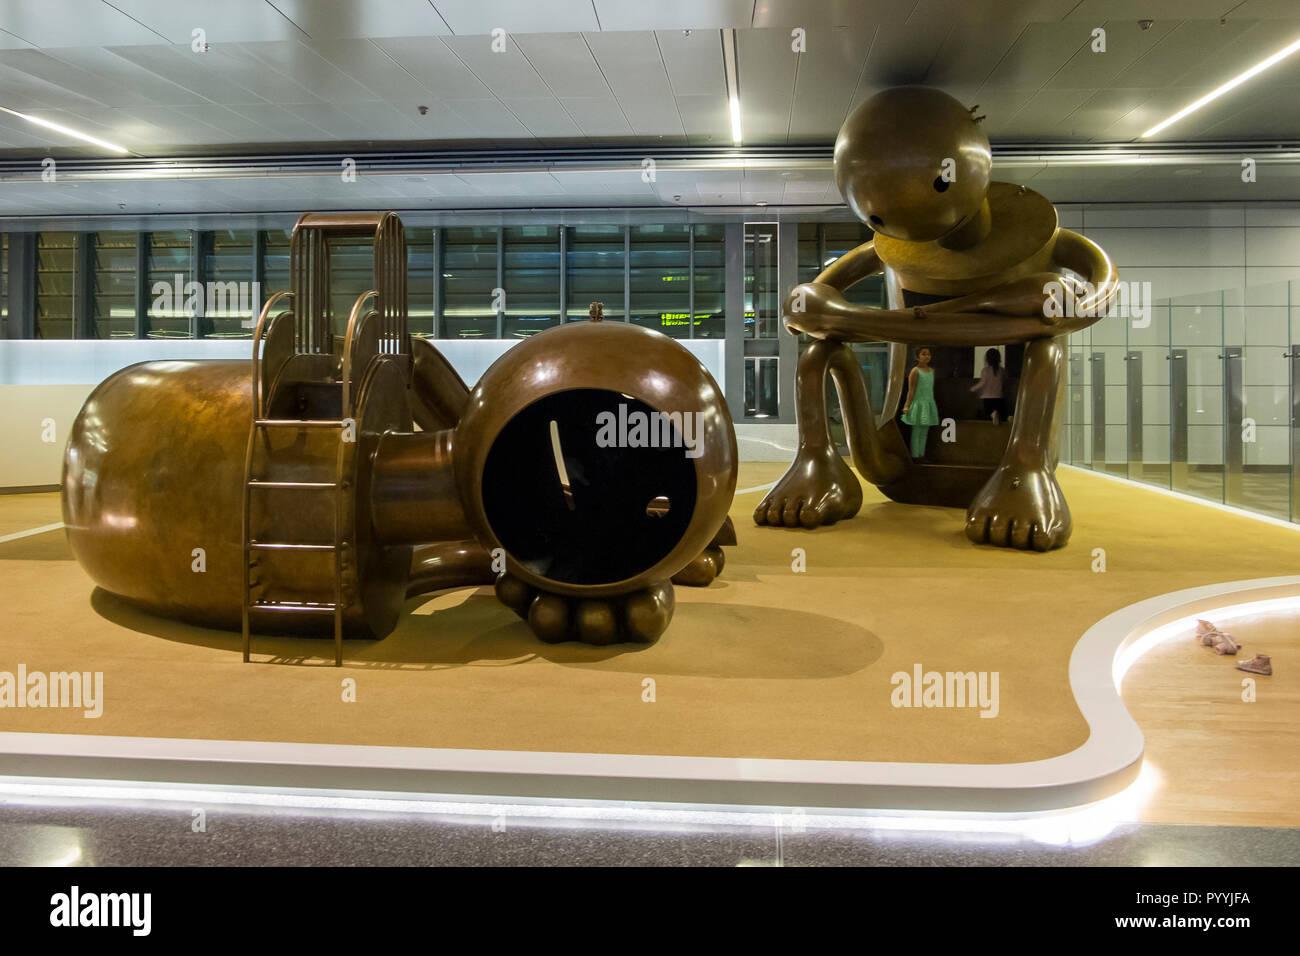 Jeux pour enfants à l'Aéroport International Hamad à Doha, Qatar Banque D'Images